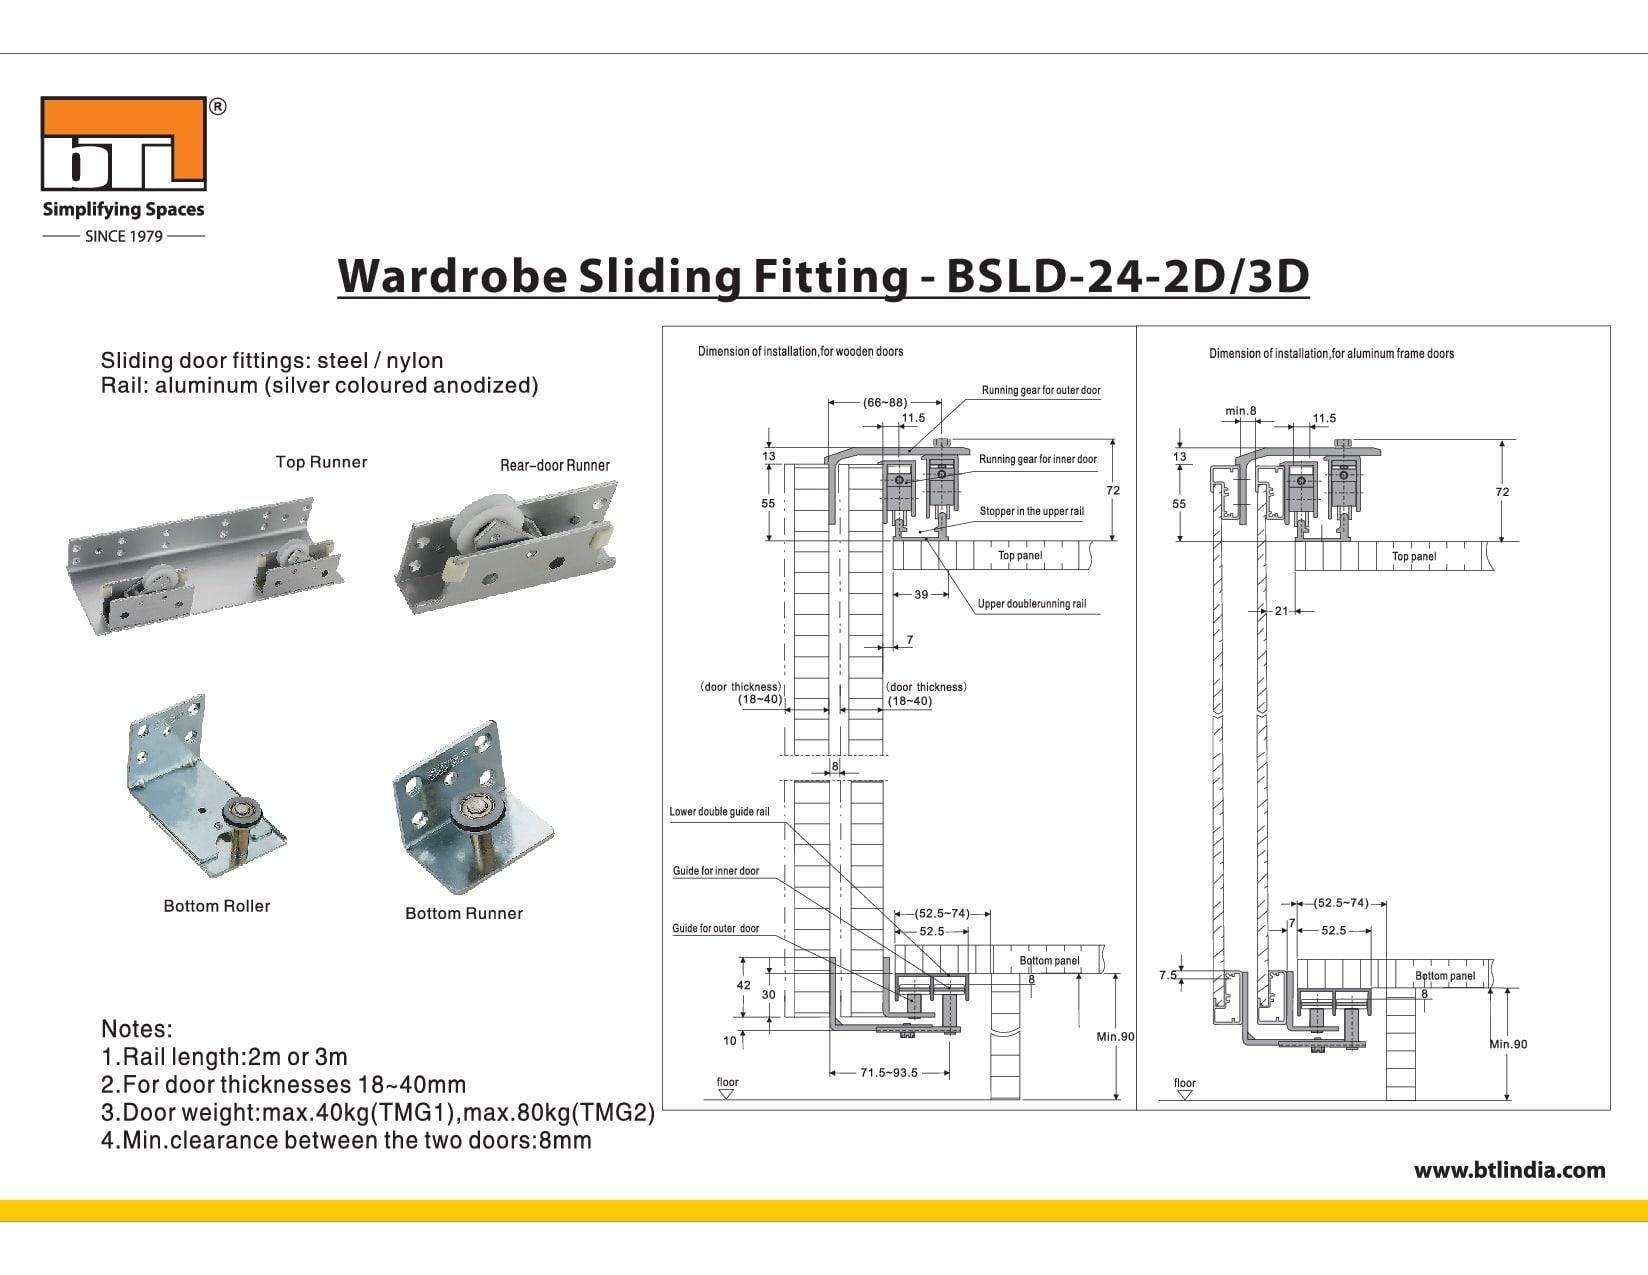 BTL BSLD-24-2D Wardrobe Sliding Fitting 2 Doors - Specifications